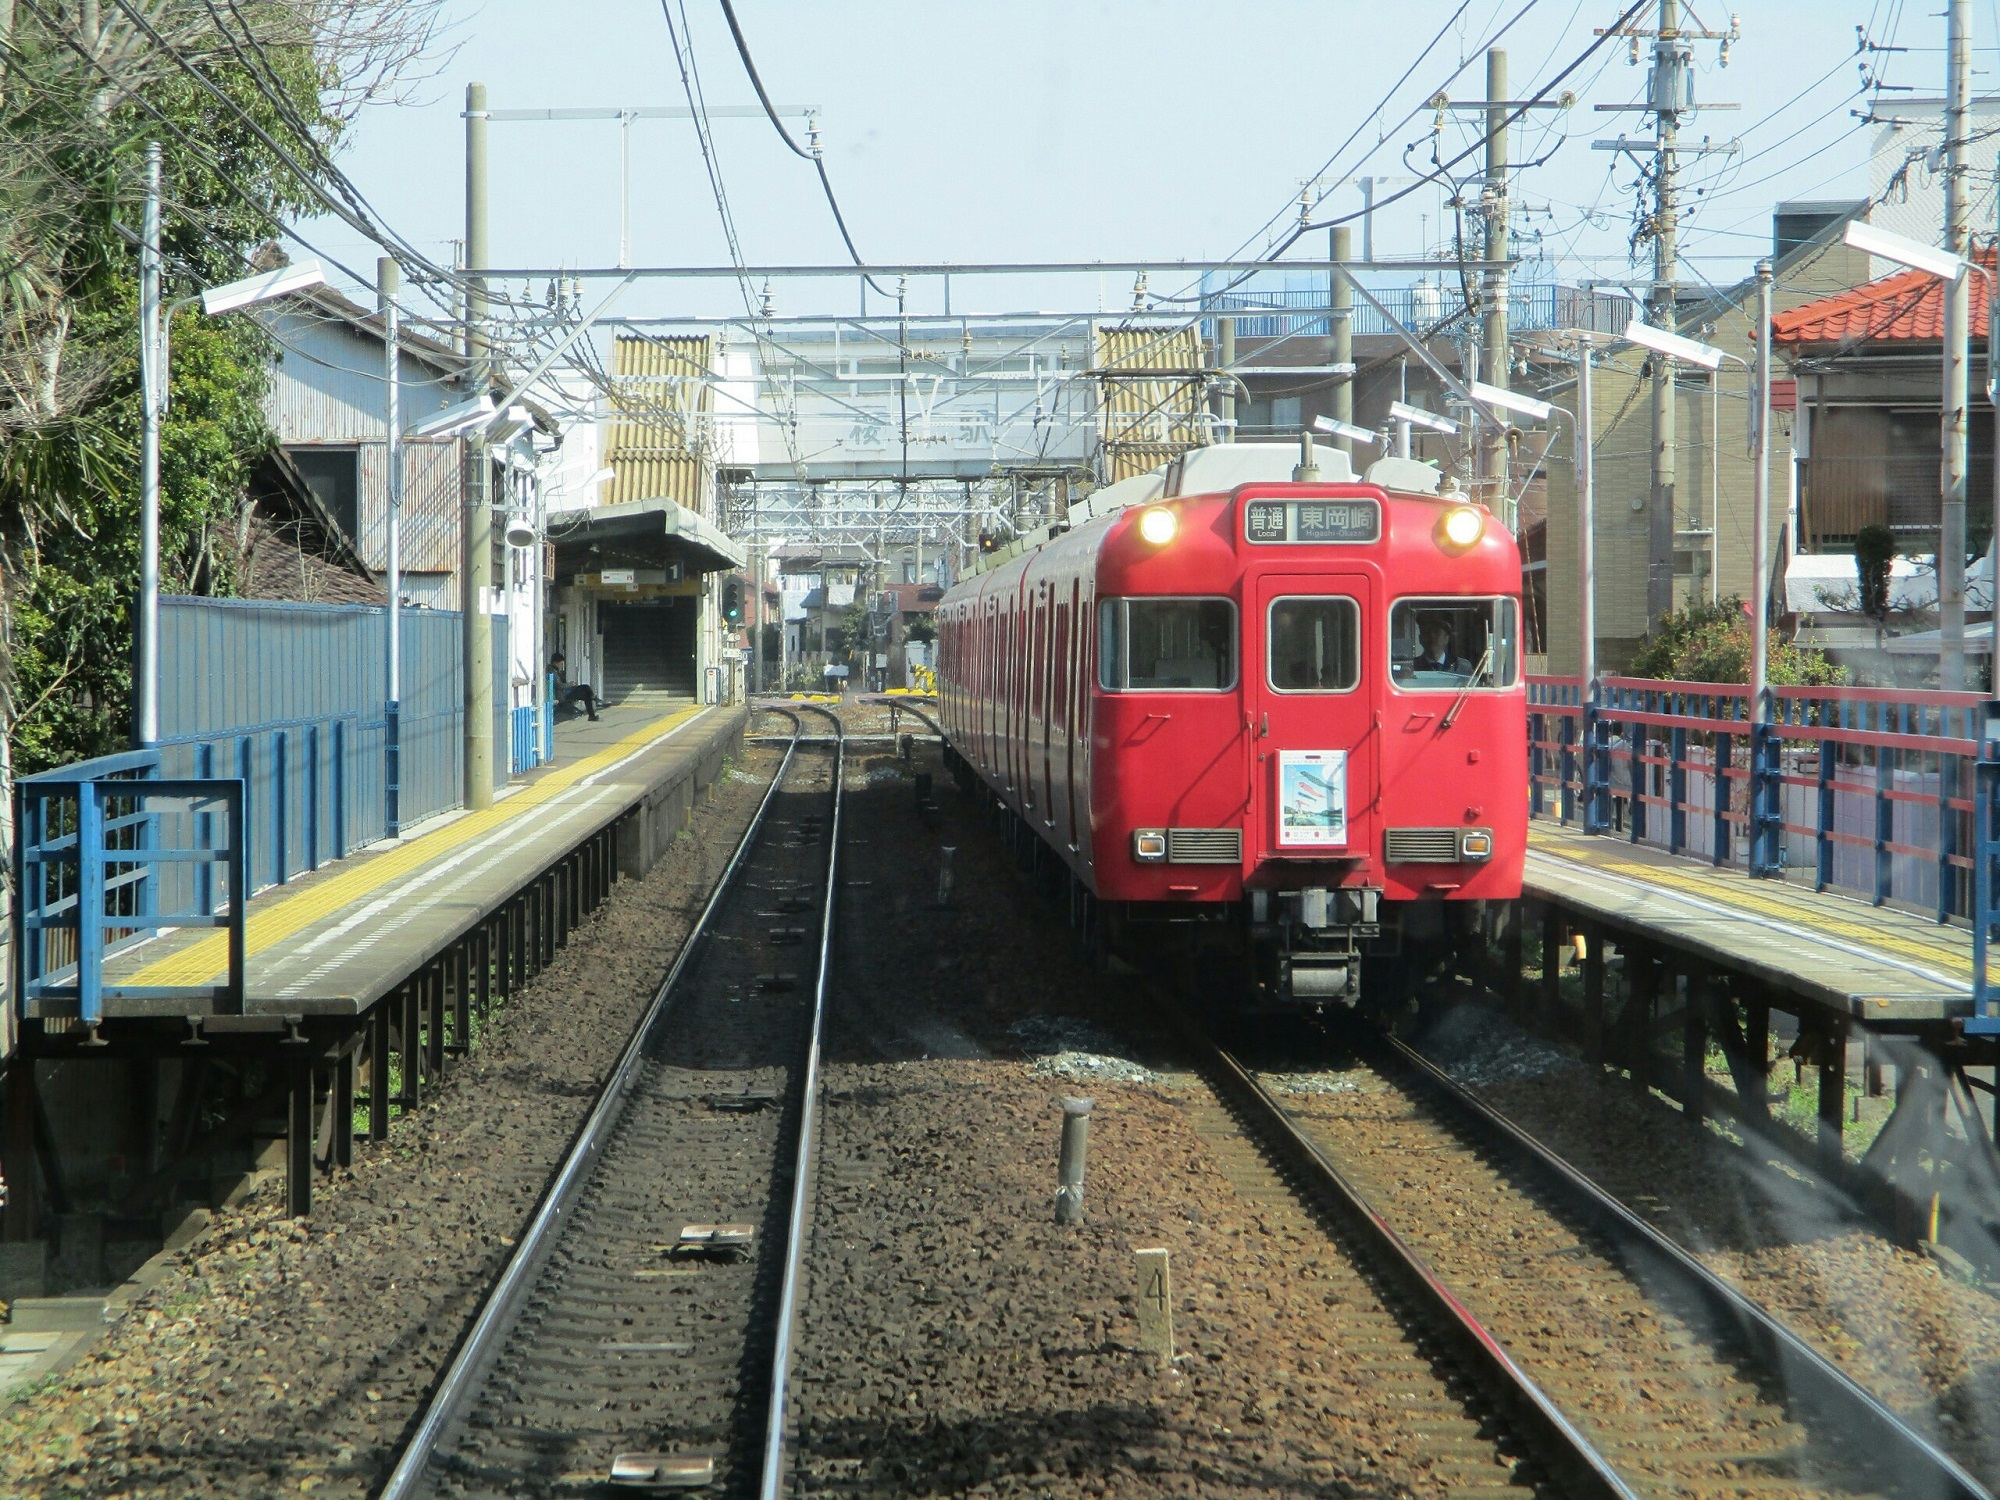 2019.3.27 (37) 弥富いき急行 - 桜(東岡崎いきふつう) 2000-1500